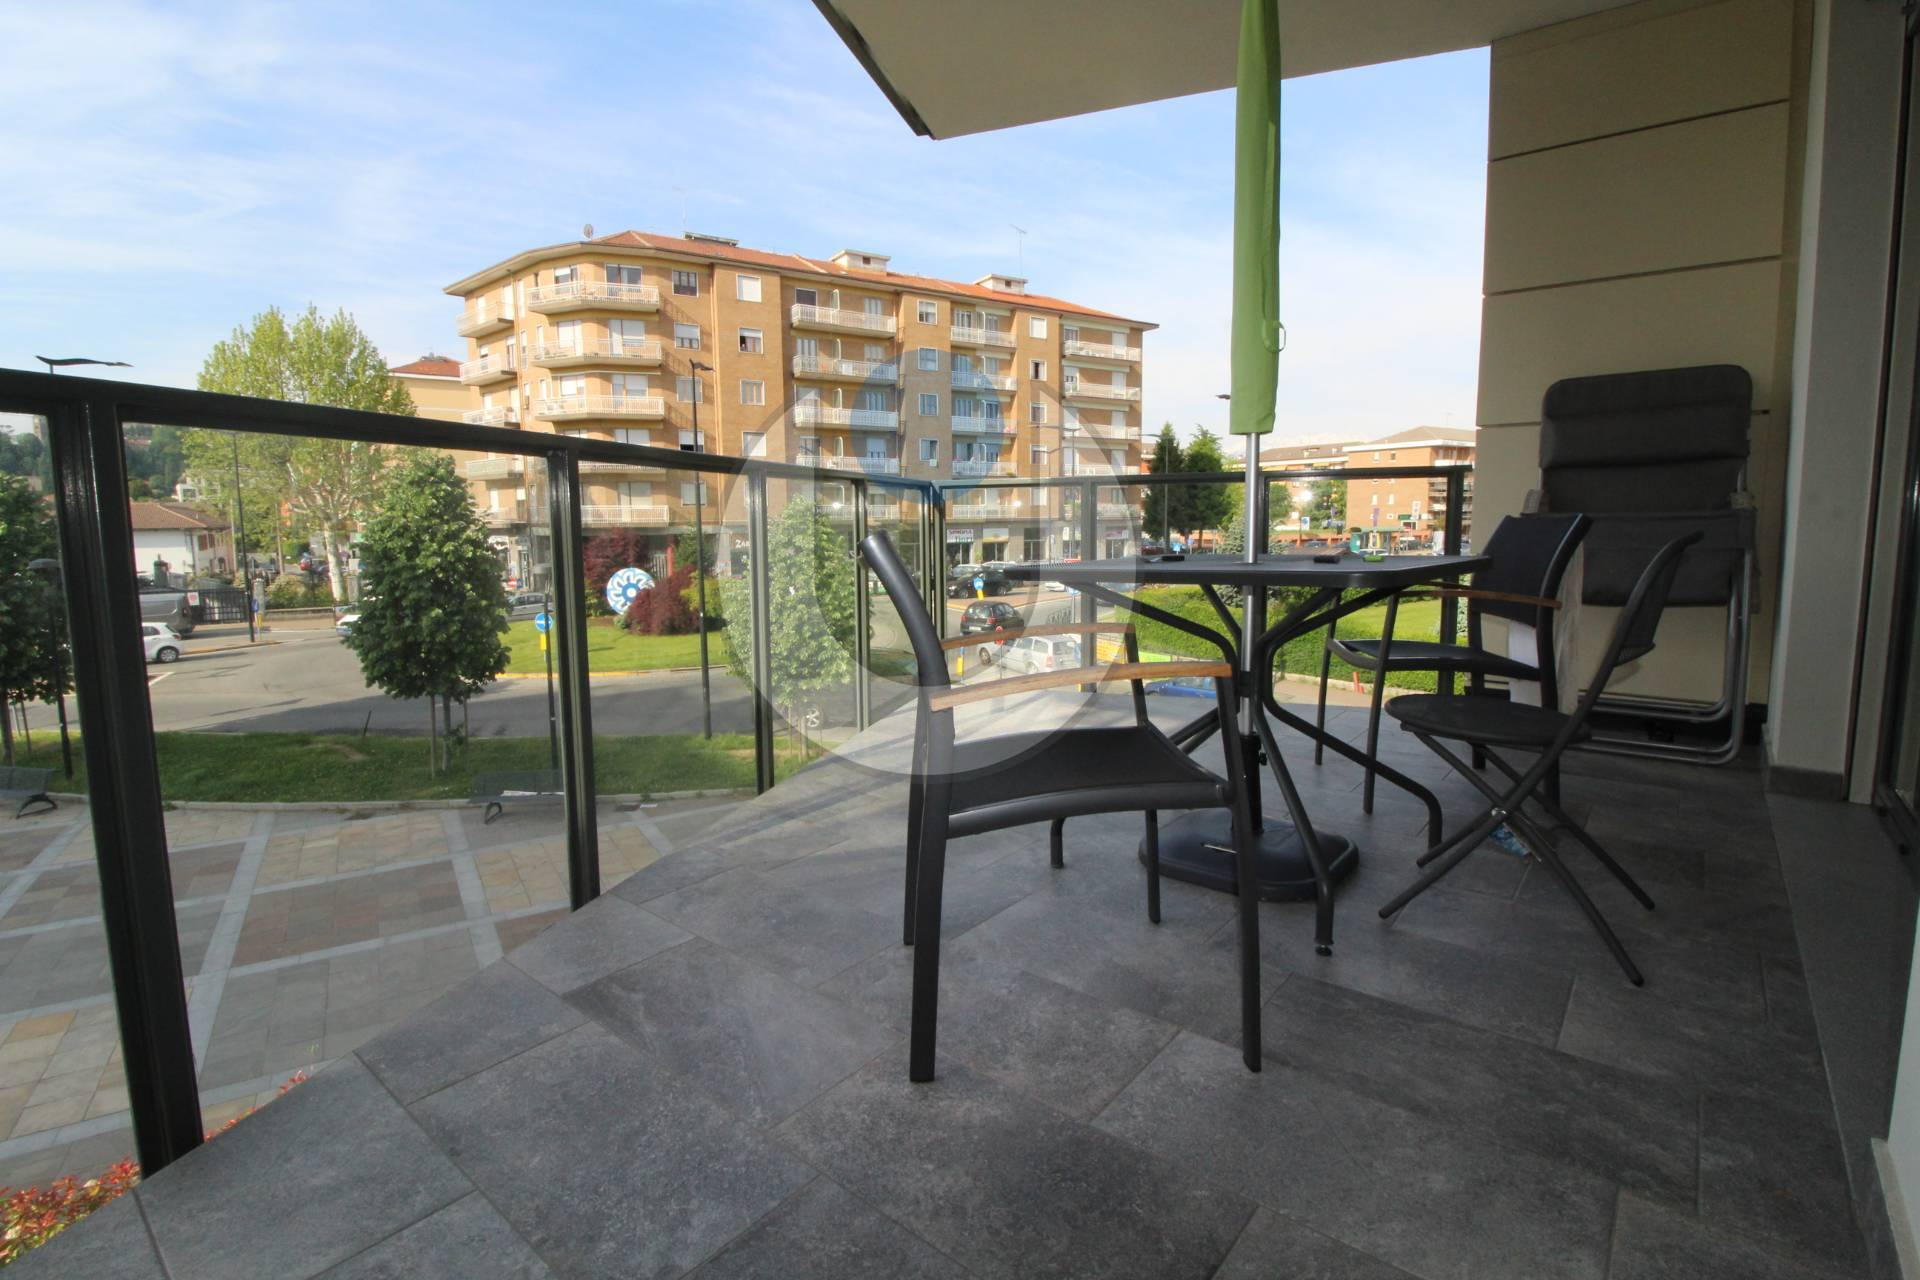 Appartamento in vendita a Rivoli, 3 locali, zona Località: PressiC.soSusa, prezzo € 188.000 | CambioCasa.it